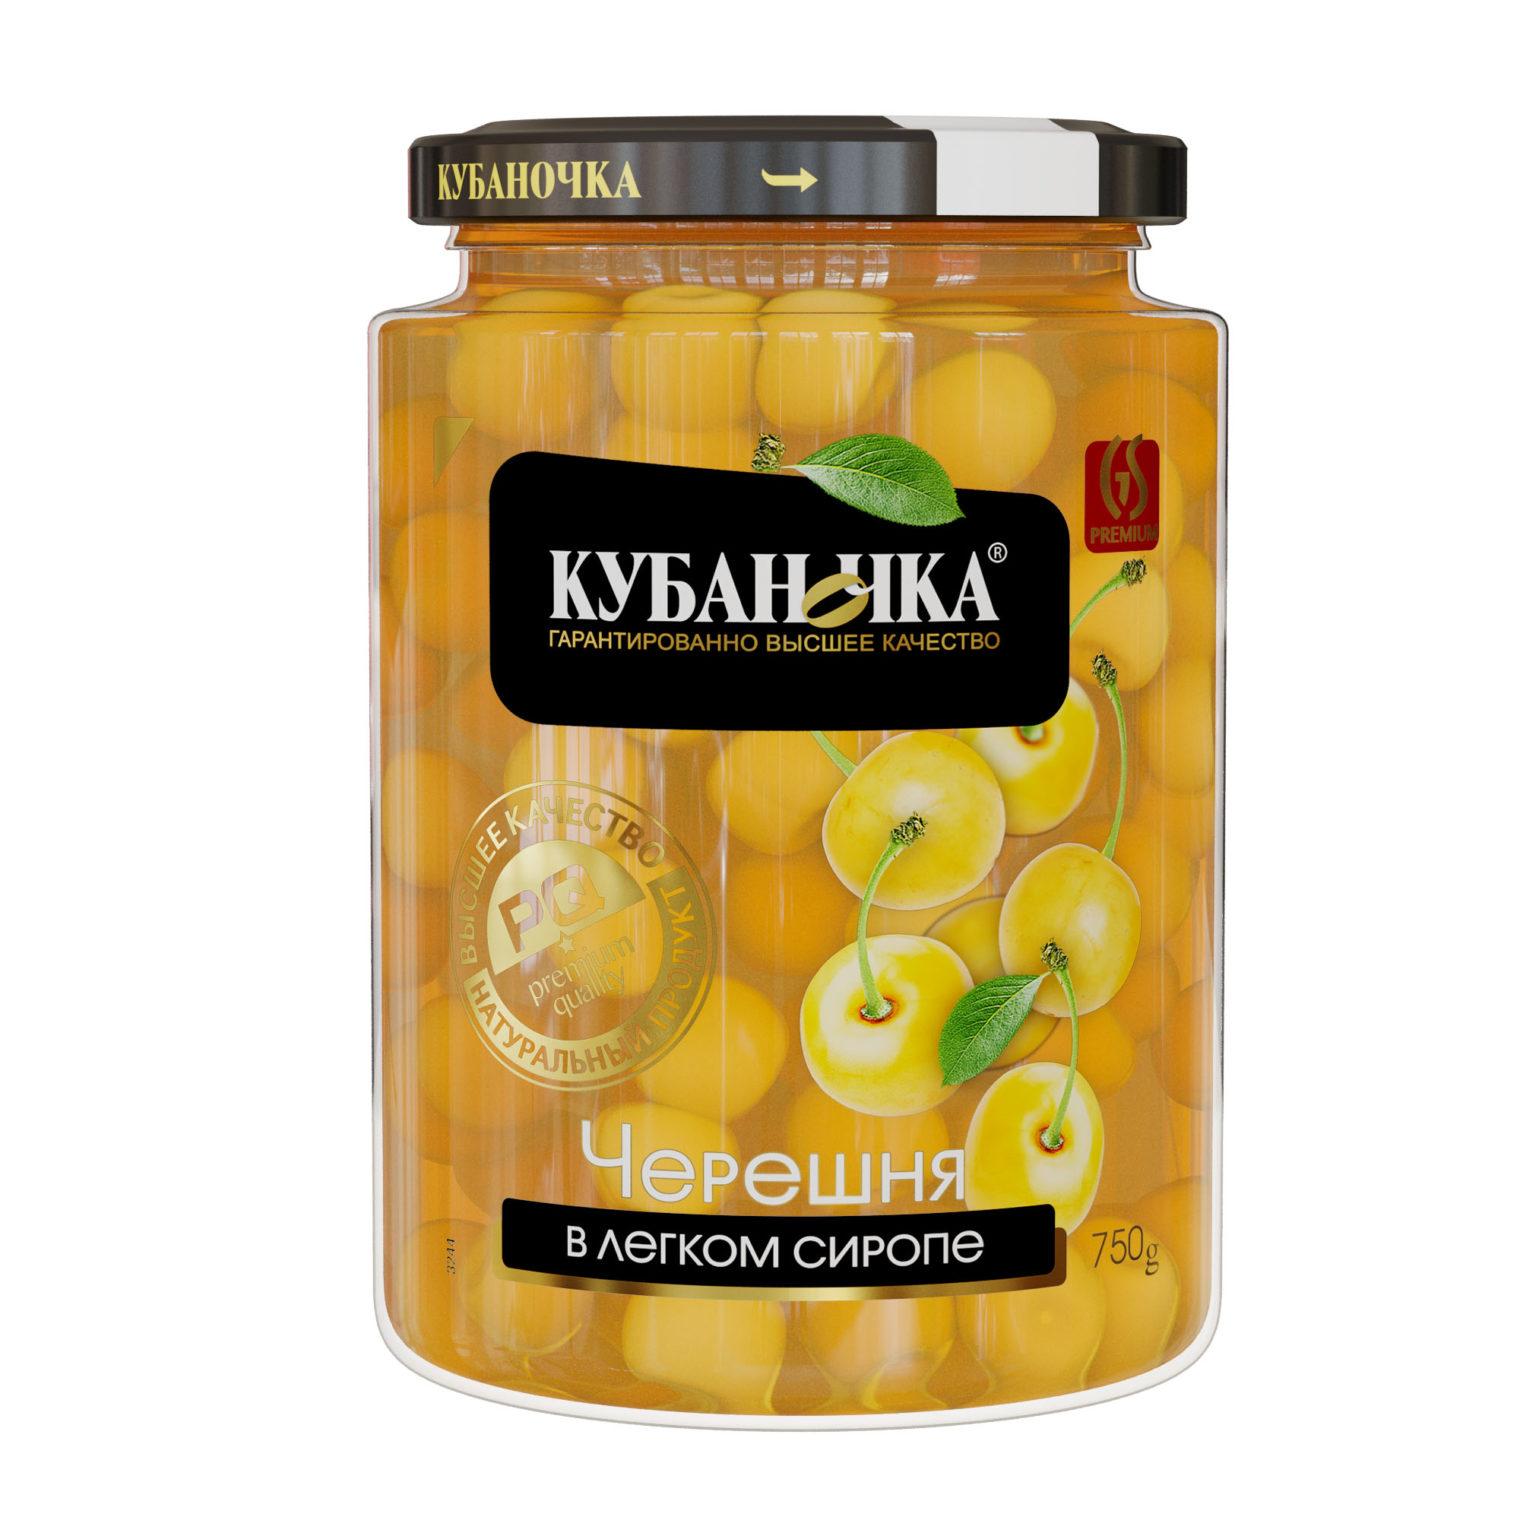 Черешня желтая в легком сиропе, Масса: 750 г